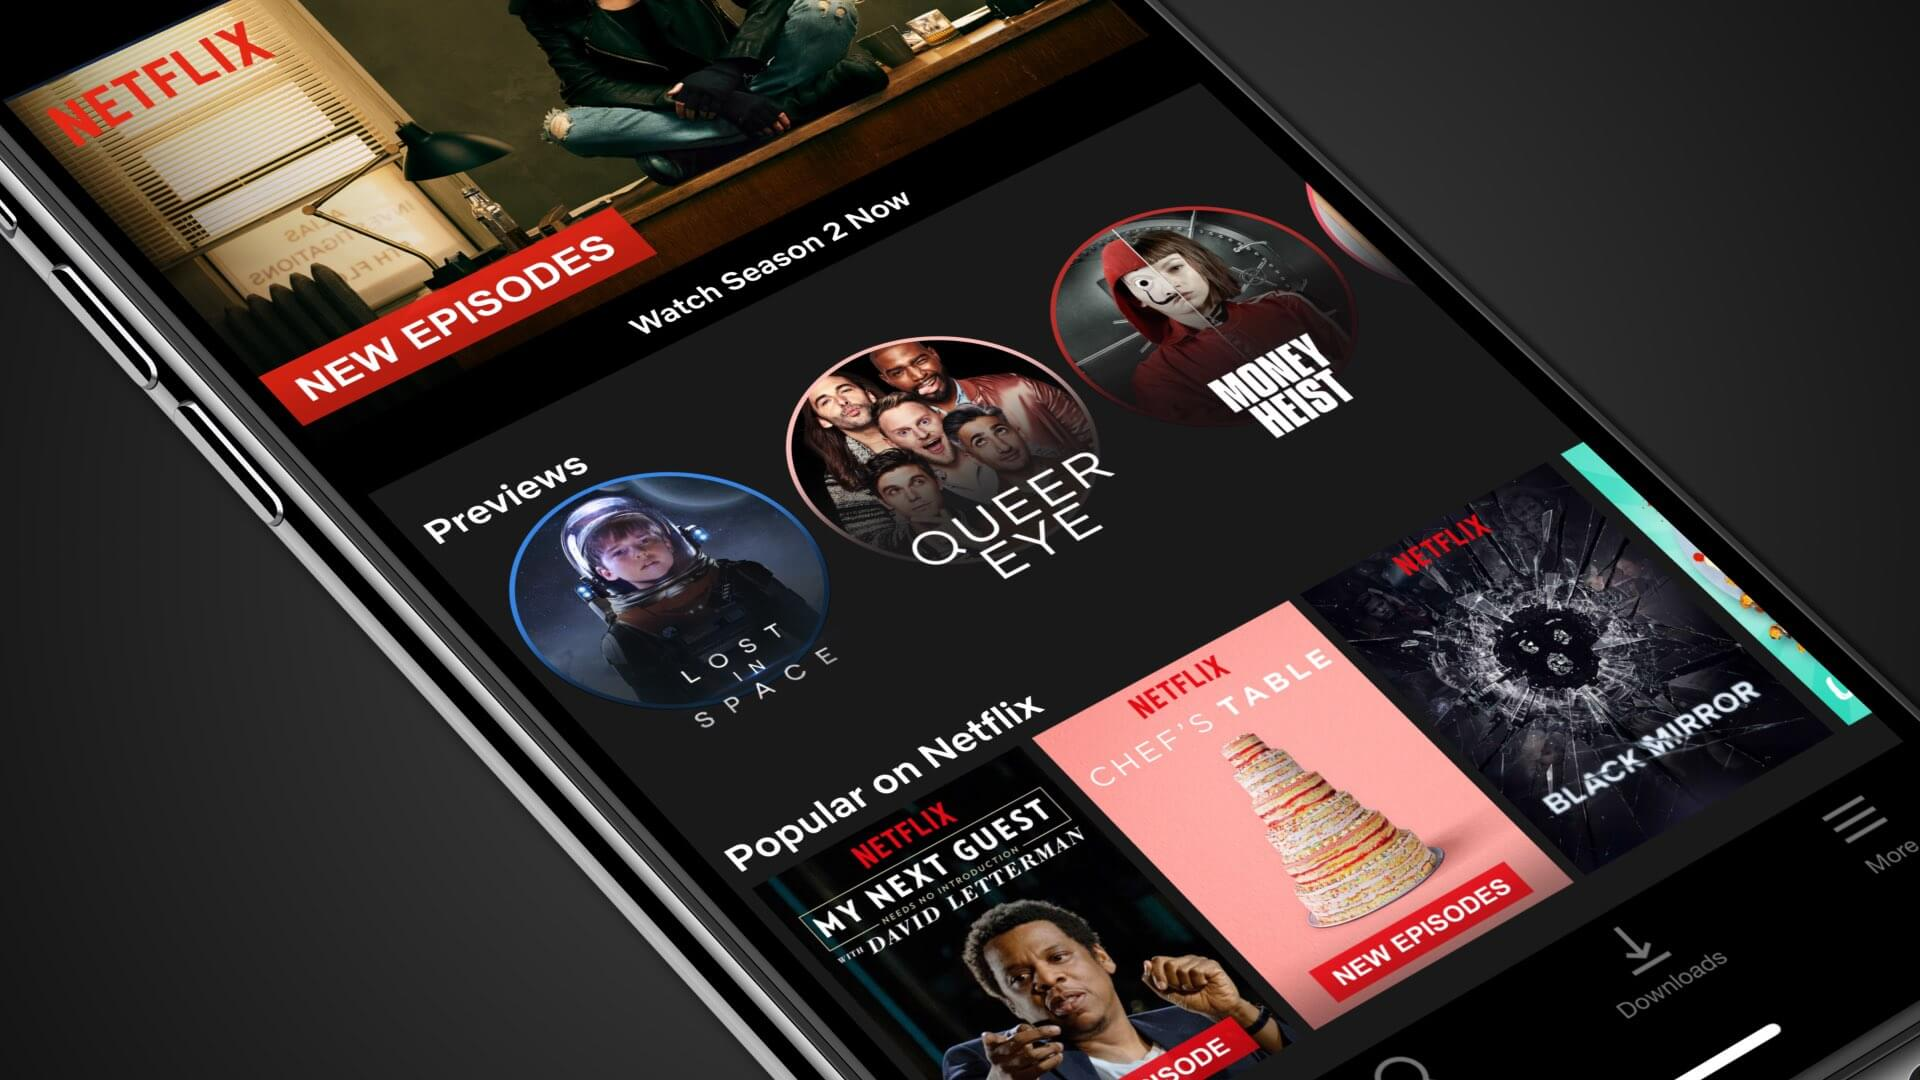 خاصية Smart Downloads تصل لنظام iOS